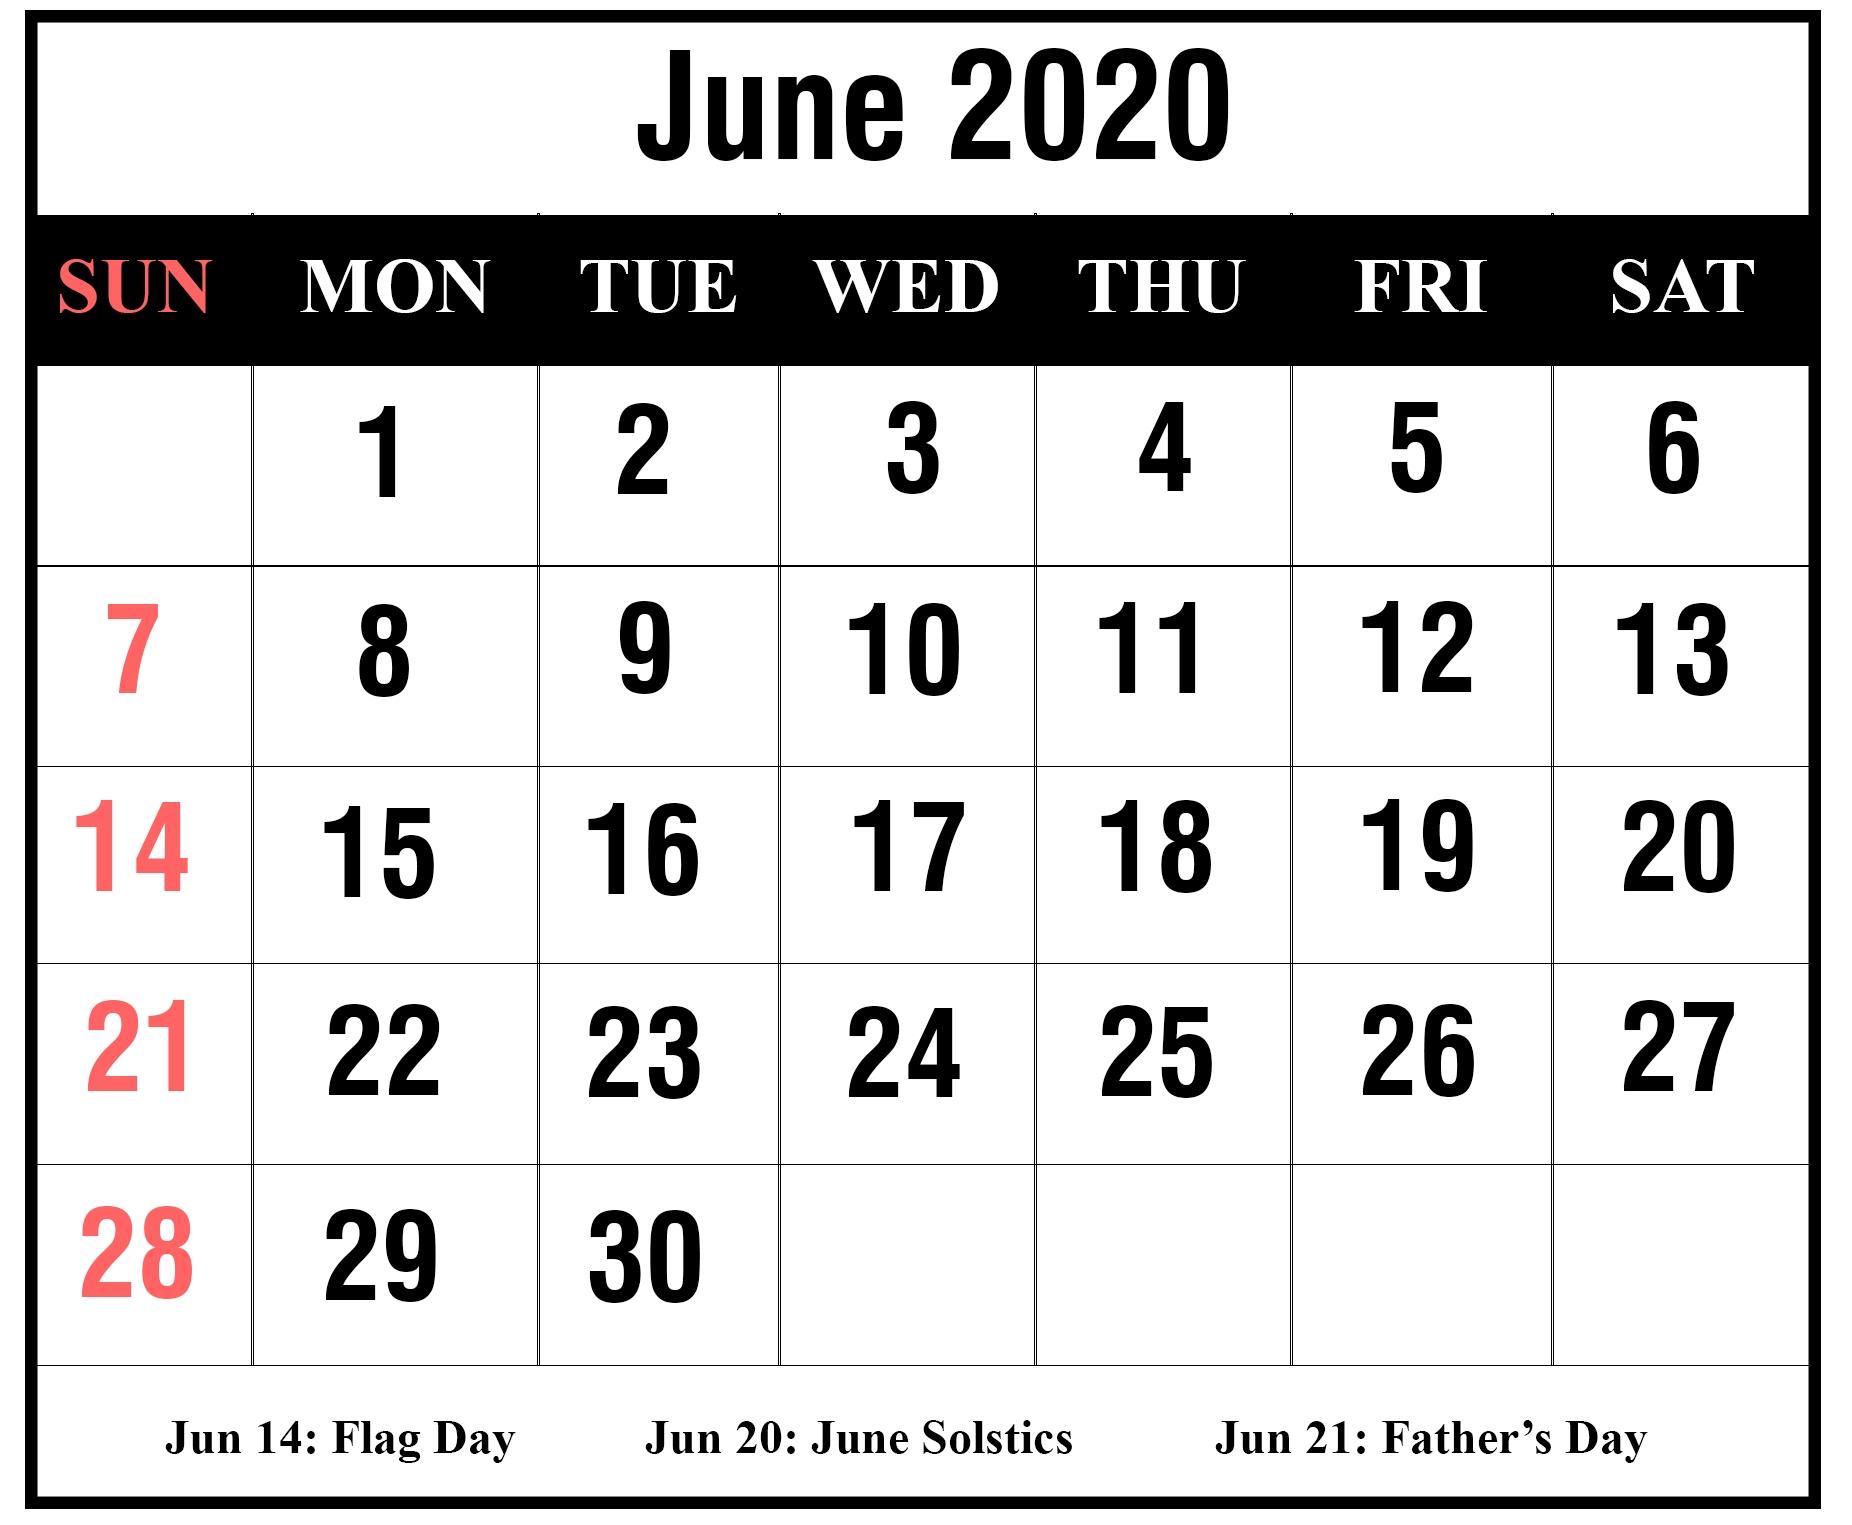 June 2020 Calendar Printable - Ko-Fi ❤️ Where Creators Get